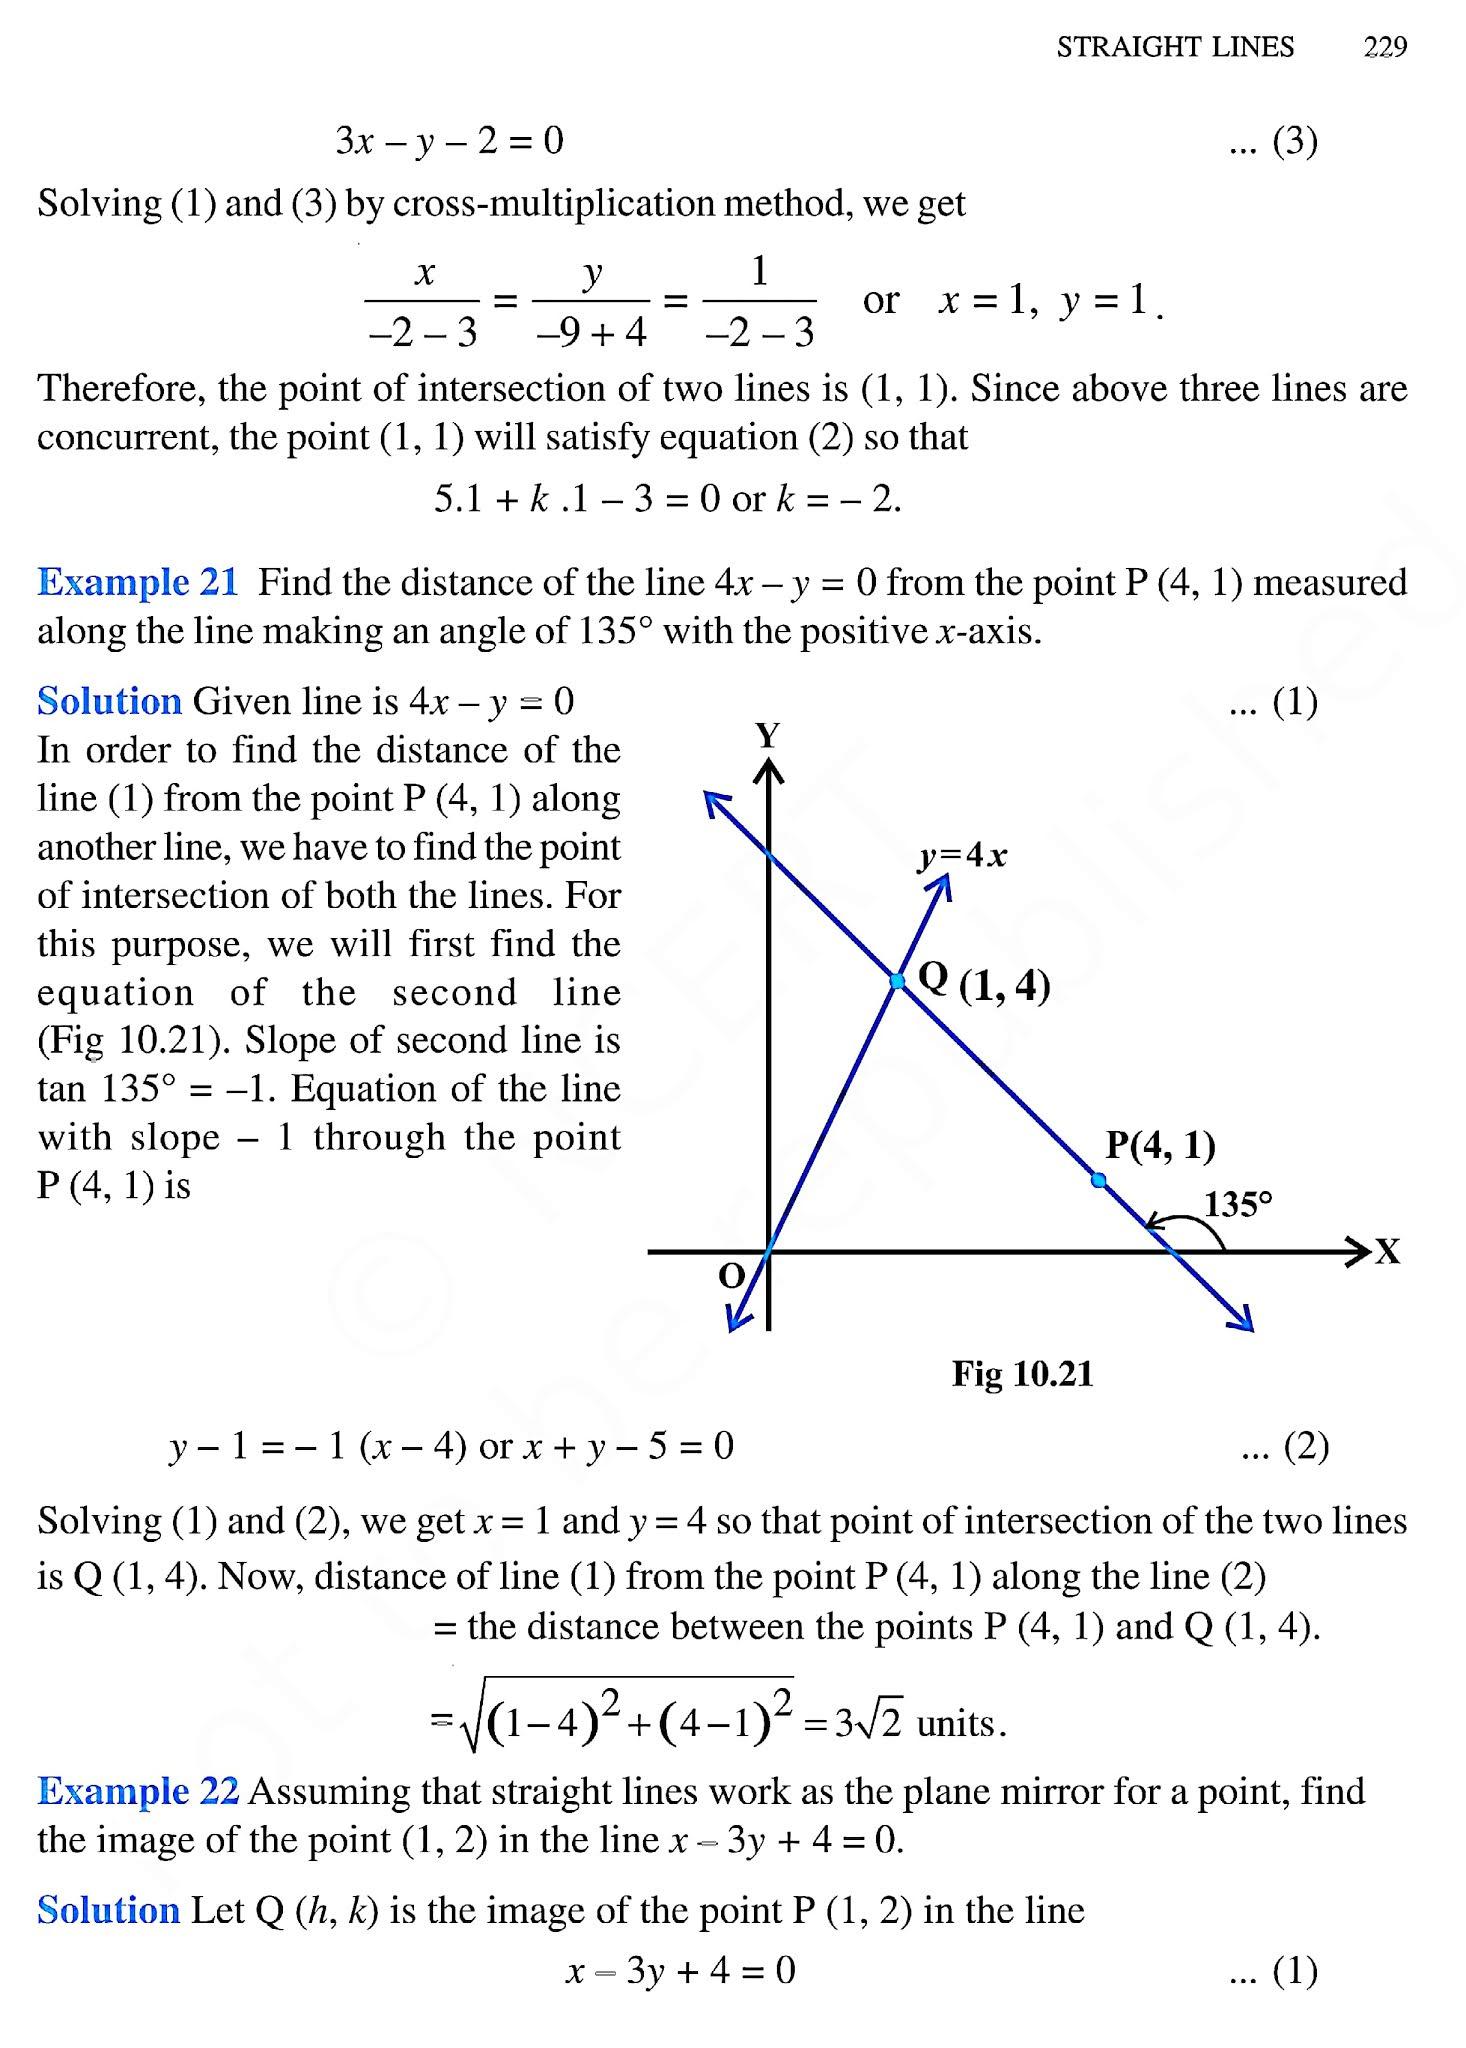 Class 11 Maths Chapter 10 Text Book - English Medium,  11th Maths book in hindi,11th Maths notes in hindi,cbse books for class  11,cbse books in hindi,cbse ncert books,class  11  Maths notes in hindi,class  11 hindi ncert solutions, Maths 2020, Maths 2021, Maths 2022, Maths book class  11, Maths book in hindi, Maths class  11 in hindi, Maths notes for class  11 up board in hindi,ncert all books,ncert app in hindi,ncert book solution,ncert books class 10,ncert books class  11,ncert books for class 7,ncert books for upsc in hindi,ncert books in hindi class 10,ncert books in hindi for class  11  Maths,ncert books in hindi for class 6,ncert books in hindi pdf,ncert class  11 hindi book,ncert english book,ncert  Maths book in hindi,ncert  Maths books in hindi pdf,ncert  Maths class  11,ncert in hindi,old ncert books in hindi,online ncert books in hindi,up board  11th,up board  11th syllabus,up board class 10 hindi book,up board class  11 books,up board class  11 new syllabus,up Board  Maths 2020,up Board  Maths 2021,up Board  Maths 2022,up Board  Maths 2023,up board intermediate  Maths syllabus,up board intermediate syllabus 2021,Up board Master 2021,up board model paper 2021,up board model paper all subject,up board new syllabus of class 11th Maths,up board paper 2021,Up board syllabus 2021,UP board syllabus 2022,   11 वीं मैथ्स पुस्तक हिंदी में,  11 वीं मैथ्स नोट्स हिंदी में, कक्षा  11 के लिए सीबीएससी पुस्तकें, हिंदी में सीबीएससी पुस्तकें, सीबीएससी  पुस्तकें, कक्षा  11 मैथ्स नोट्स हिंदी में, कक्षा  11 हिंदी एनसीईआरटी समाधान, मैथ्स 2020, मैथ्स 2021, मैथ्स 2022, मैथ्स  बुक क्लास  11, मैथ्स बुक इन हिंदी, बायोलॉजी क्लास  11 हिंदी में, मैथ्स नोट्स इन क्लास  11 यूपी  बोर्ड इन हिंदी, एनसीईआरटी मैथ्स की किताब हिंदी में,  बोर्ड  11 वीं तक,  11 वीं तक की पाठ्यक्रम, बोर्ड कक्षा 10 की हिंदी पुस्तक  , बोर्ड की कक्षा  11 की किताबें, बोर्ड की कक्षा  11 की नई पाठ्यक्रम, बोर्ड मैथ्स 2020, यूपी   बोर्ड मैथ्स 2021, यूपी  बोर्ड मैथ्स 2022, यूपी  बोर्ड मैथ्स 2023, यूपी  बोर्ड इंटरमीडिएट बा